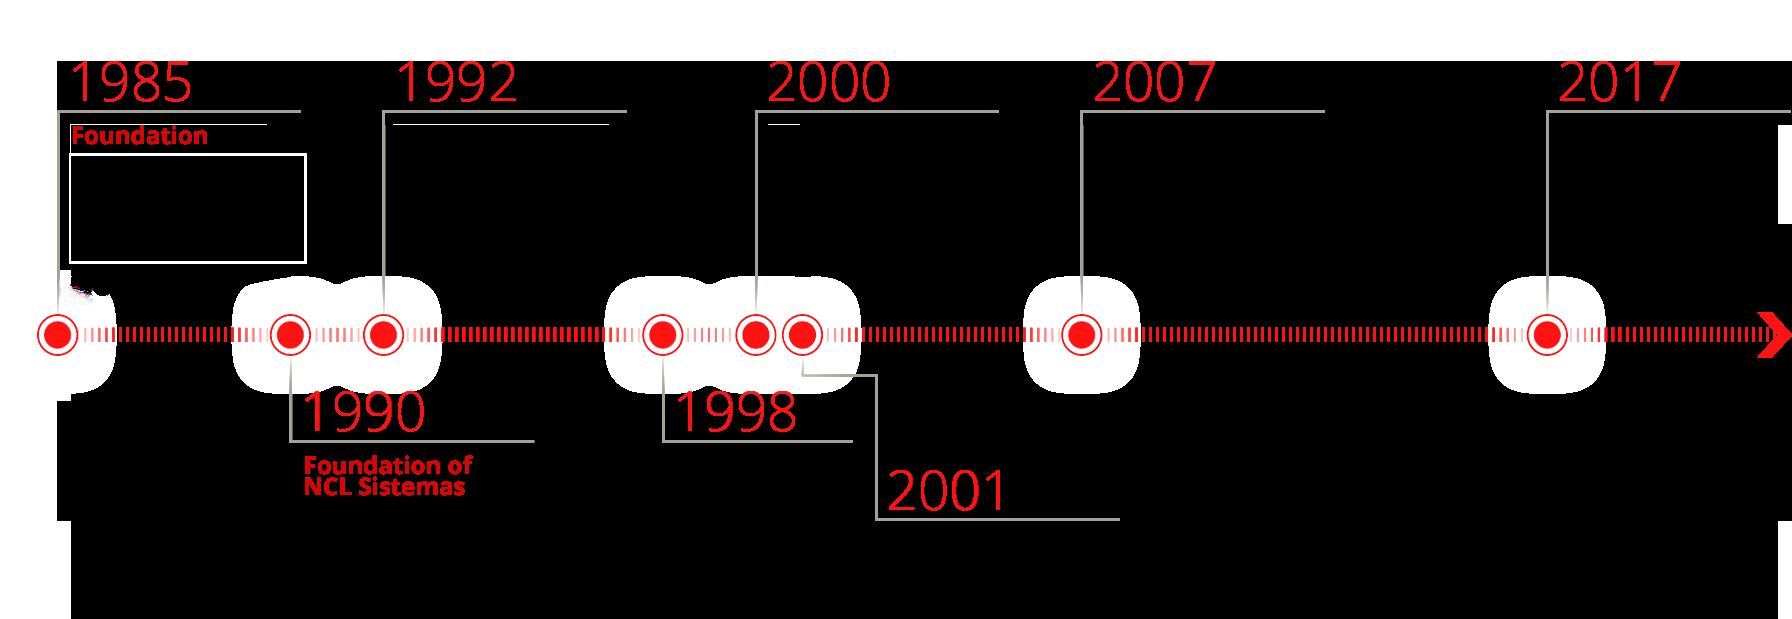 Life Timeline NCL Company